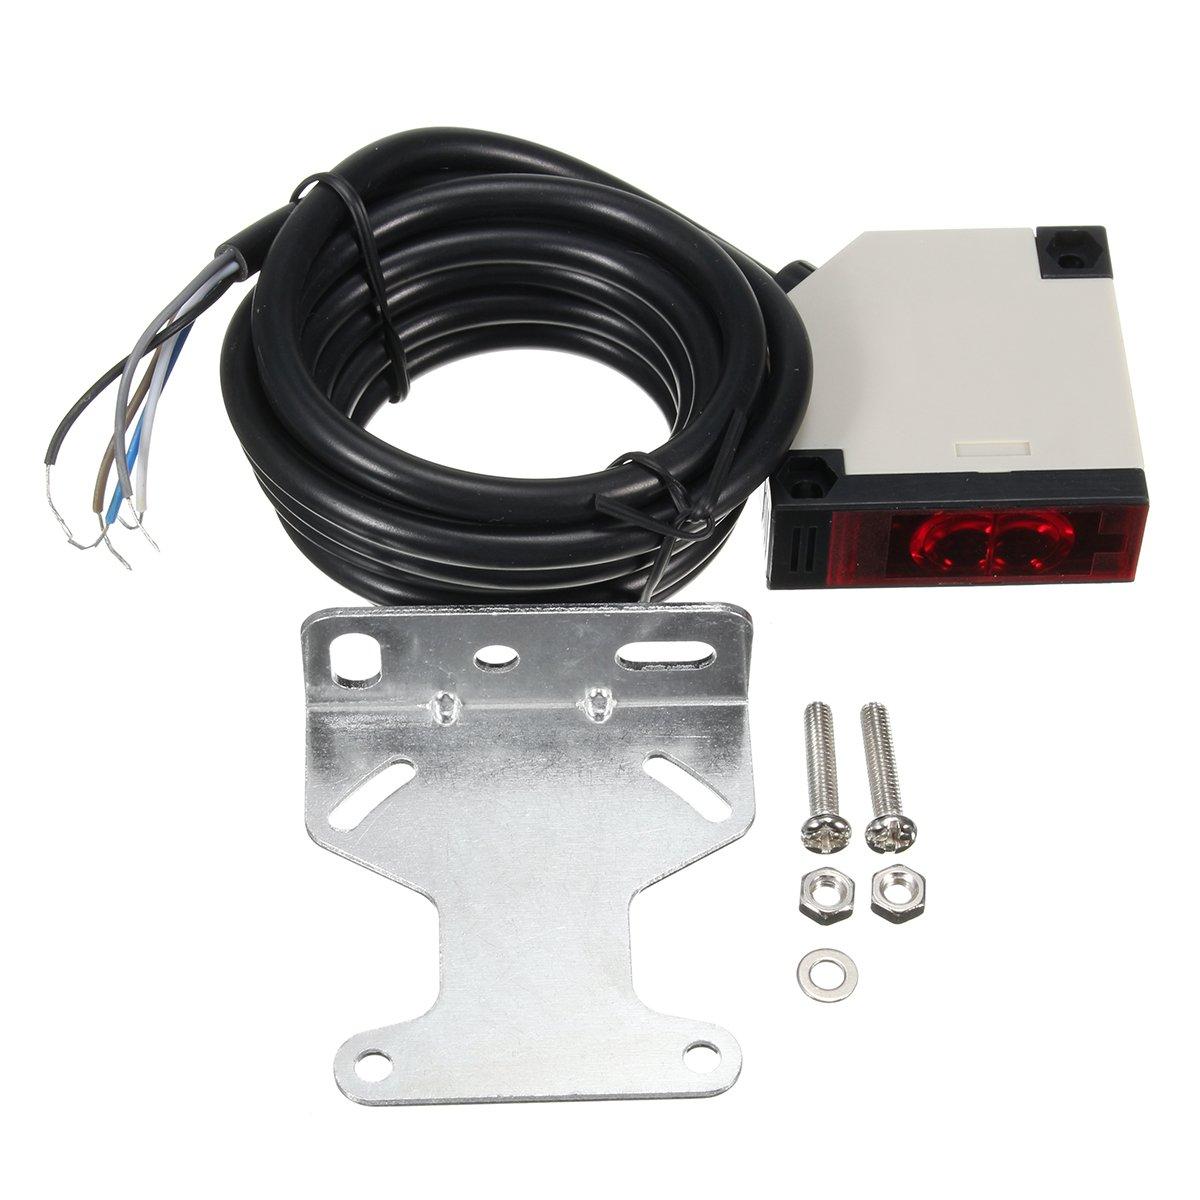 GOZAR Interruptor Fotoeléctrico De La Barrera Ligera Reflex Cuadrada Del Sensor De E3Jk-Ds30M1 3A 220V: Amazon.es: Hogar